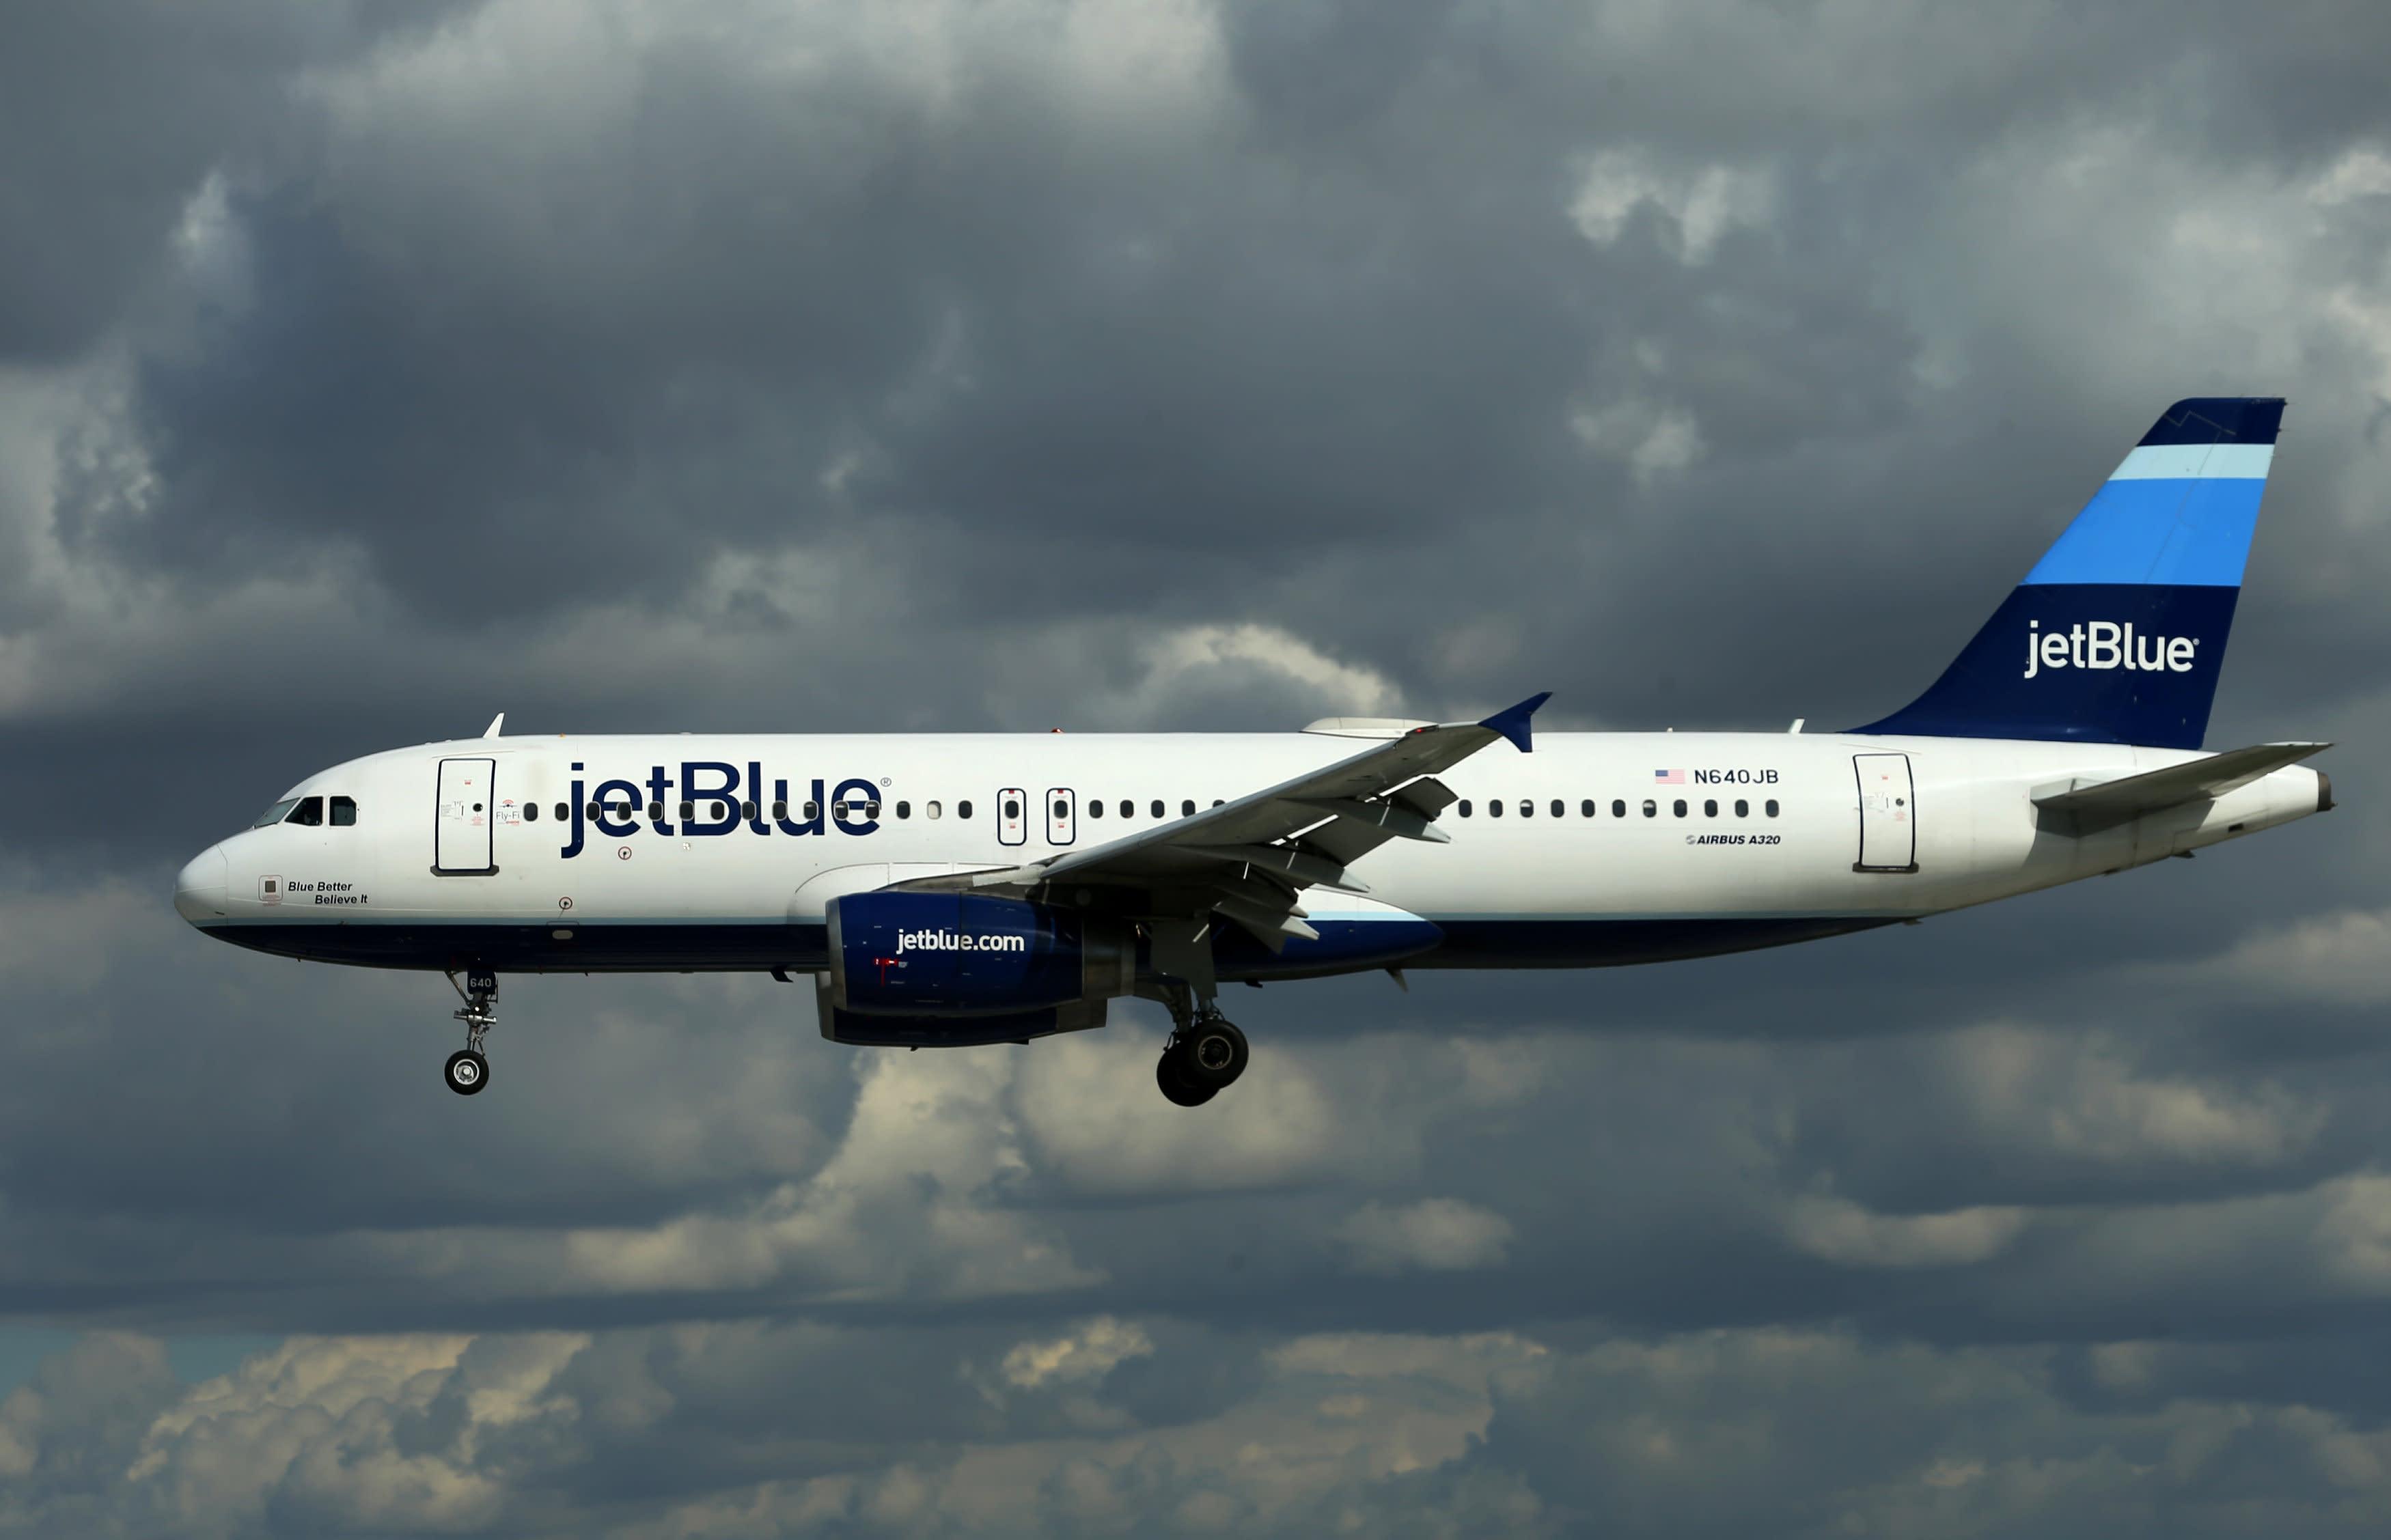 Jetblue Caps Ticket Prices Before Irma